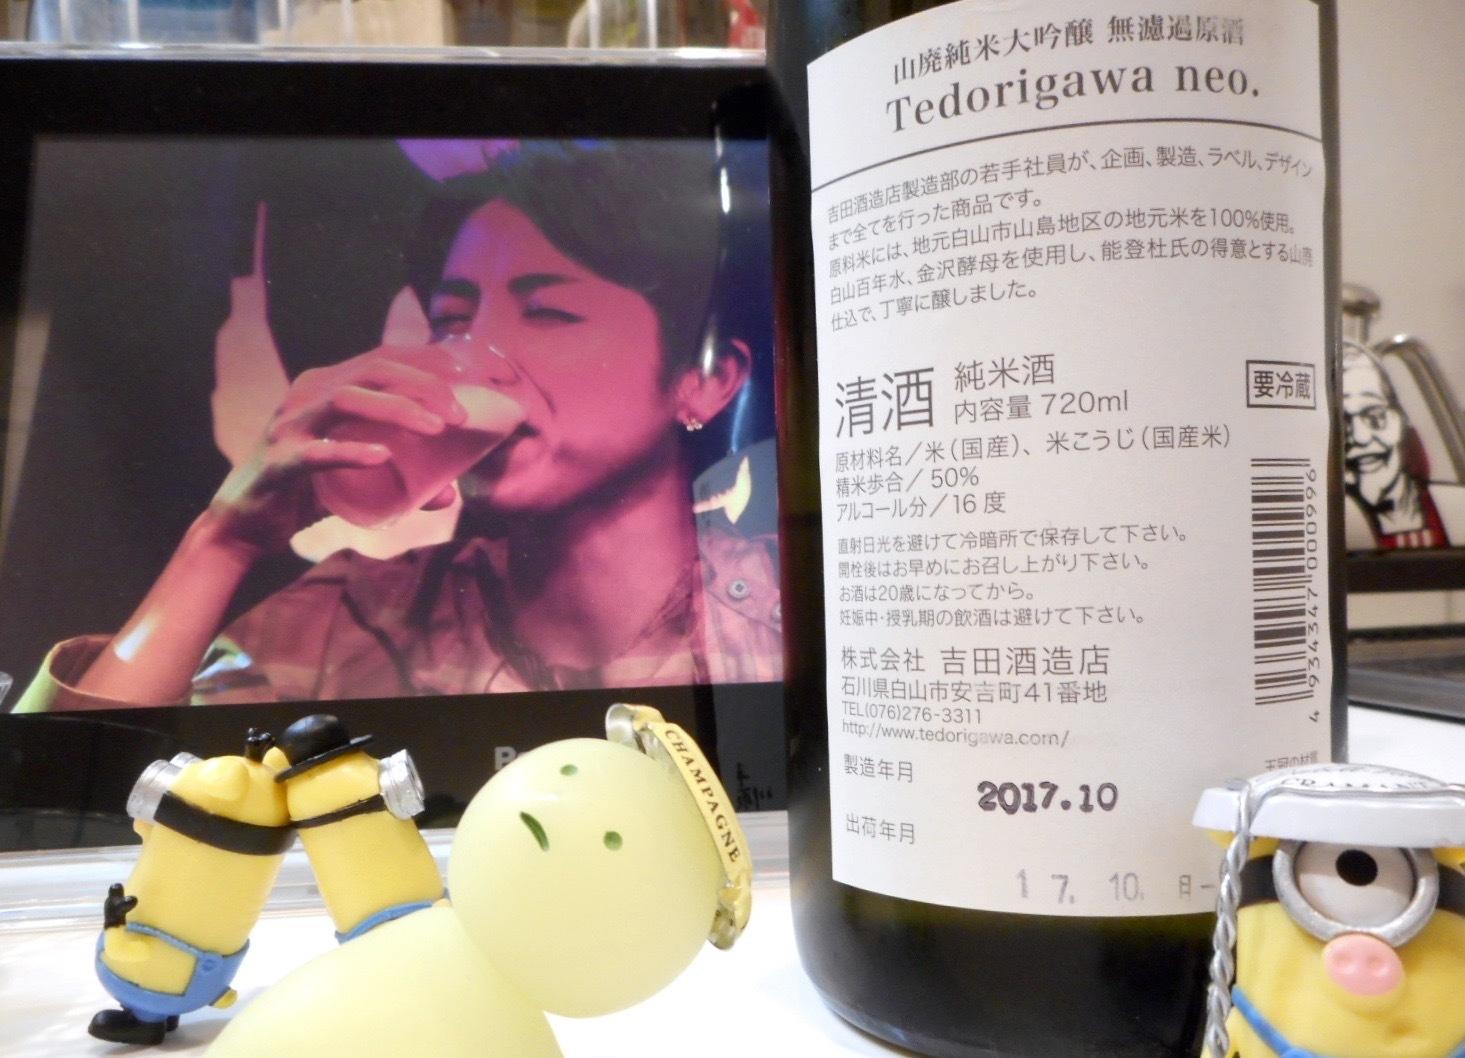 tedorigawa_neo_yamahai28by2.jpg